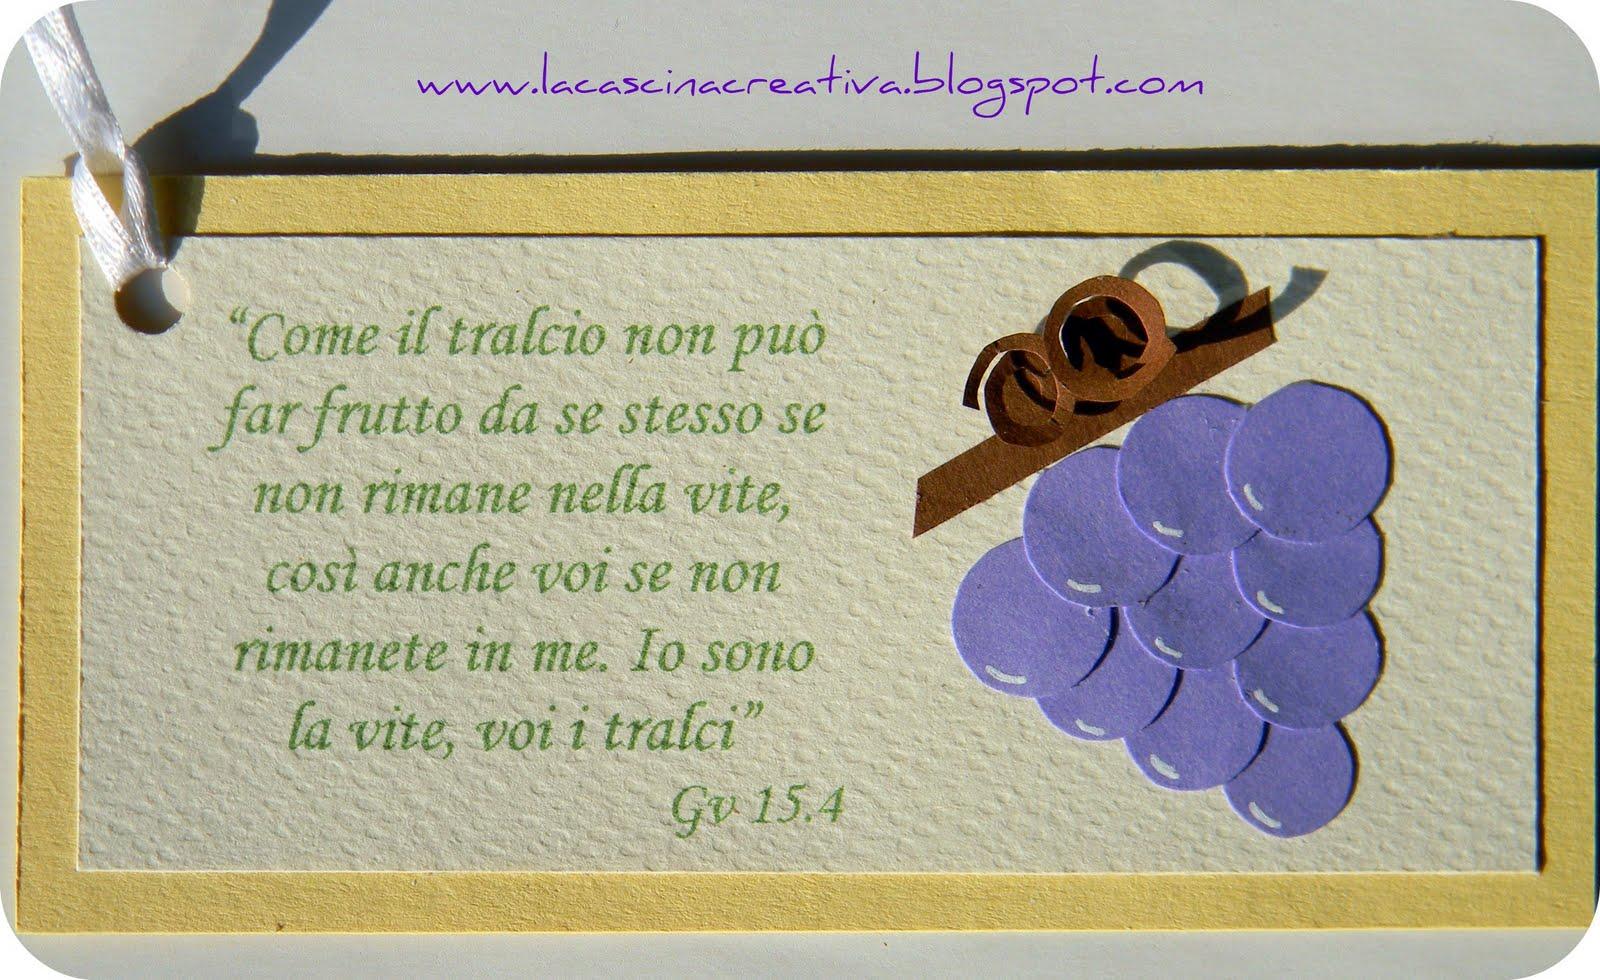 Comunione e Cresima Fioreria Battistella & Barberi - frasi augurali per cresima e comunione